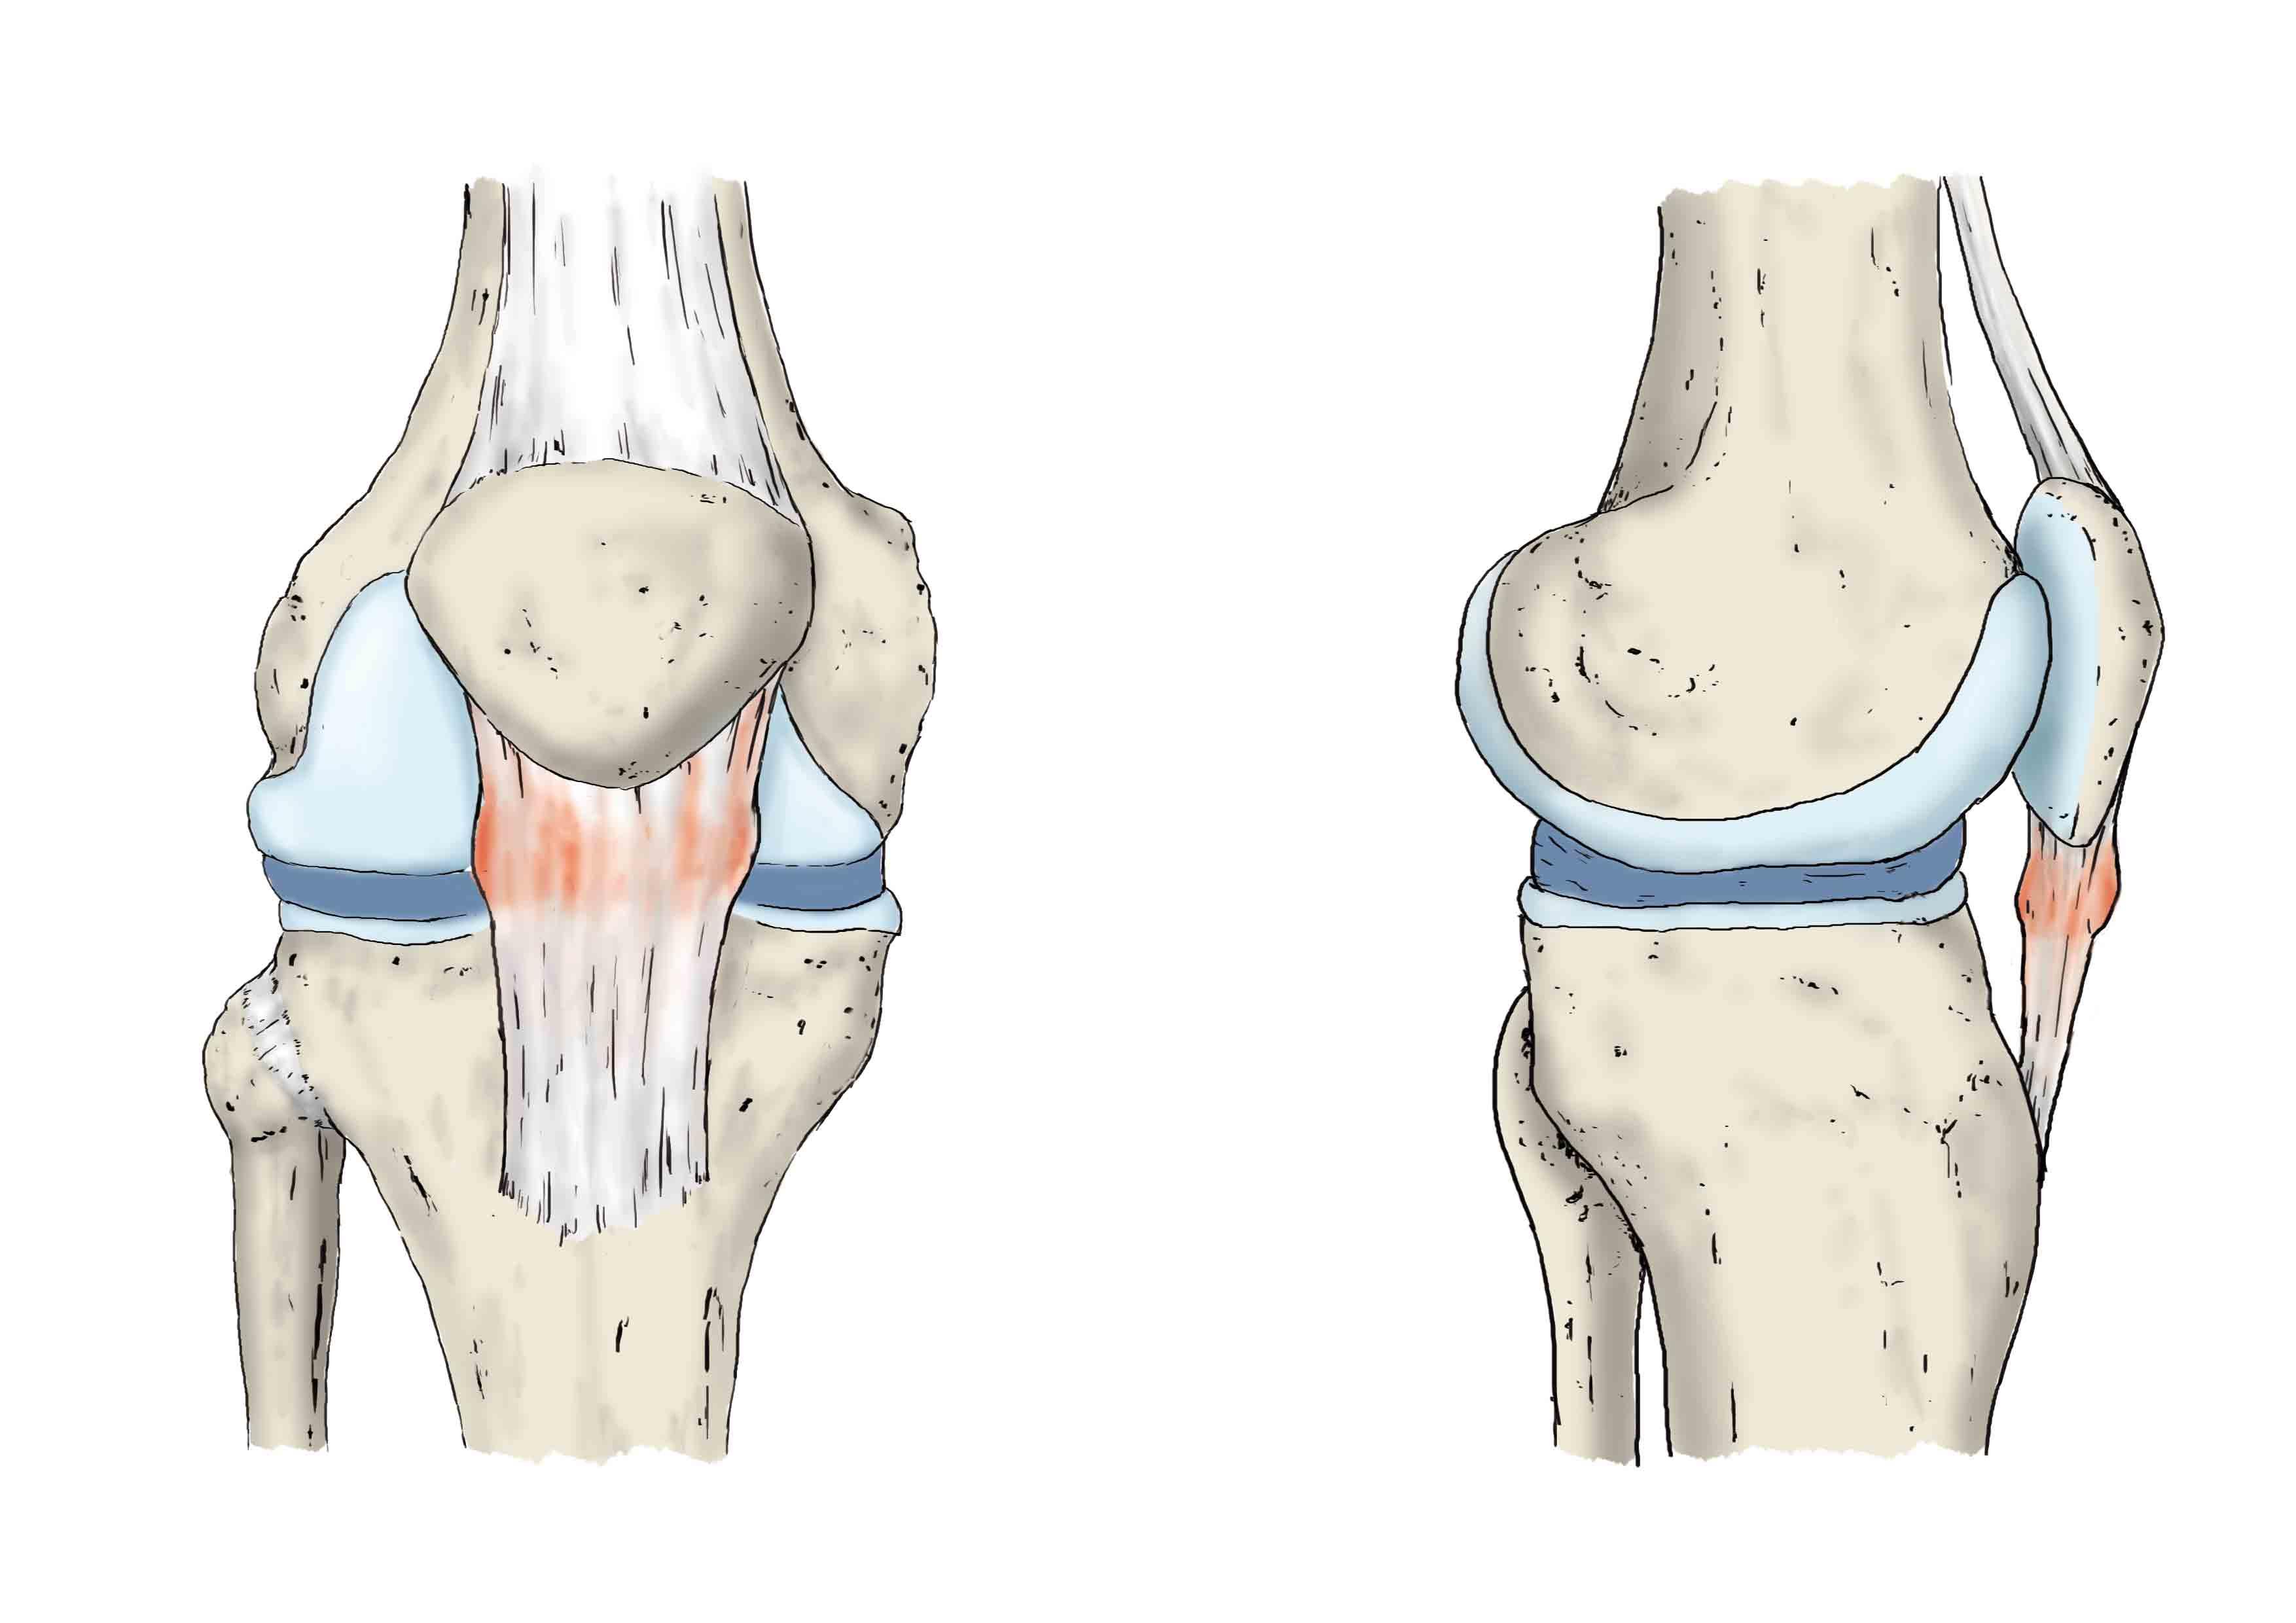 Rodilla Patologías Unidad De Cirugía Artroscópica